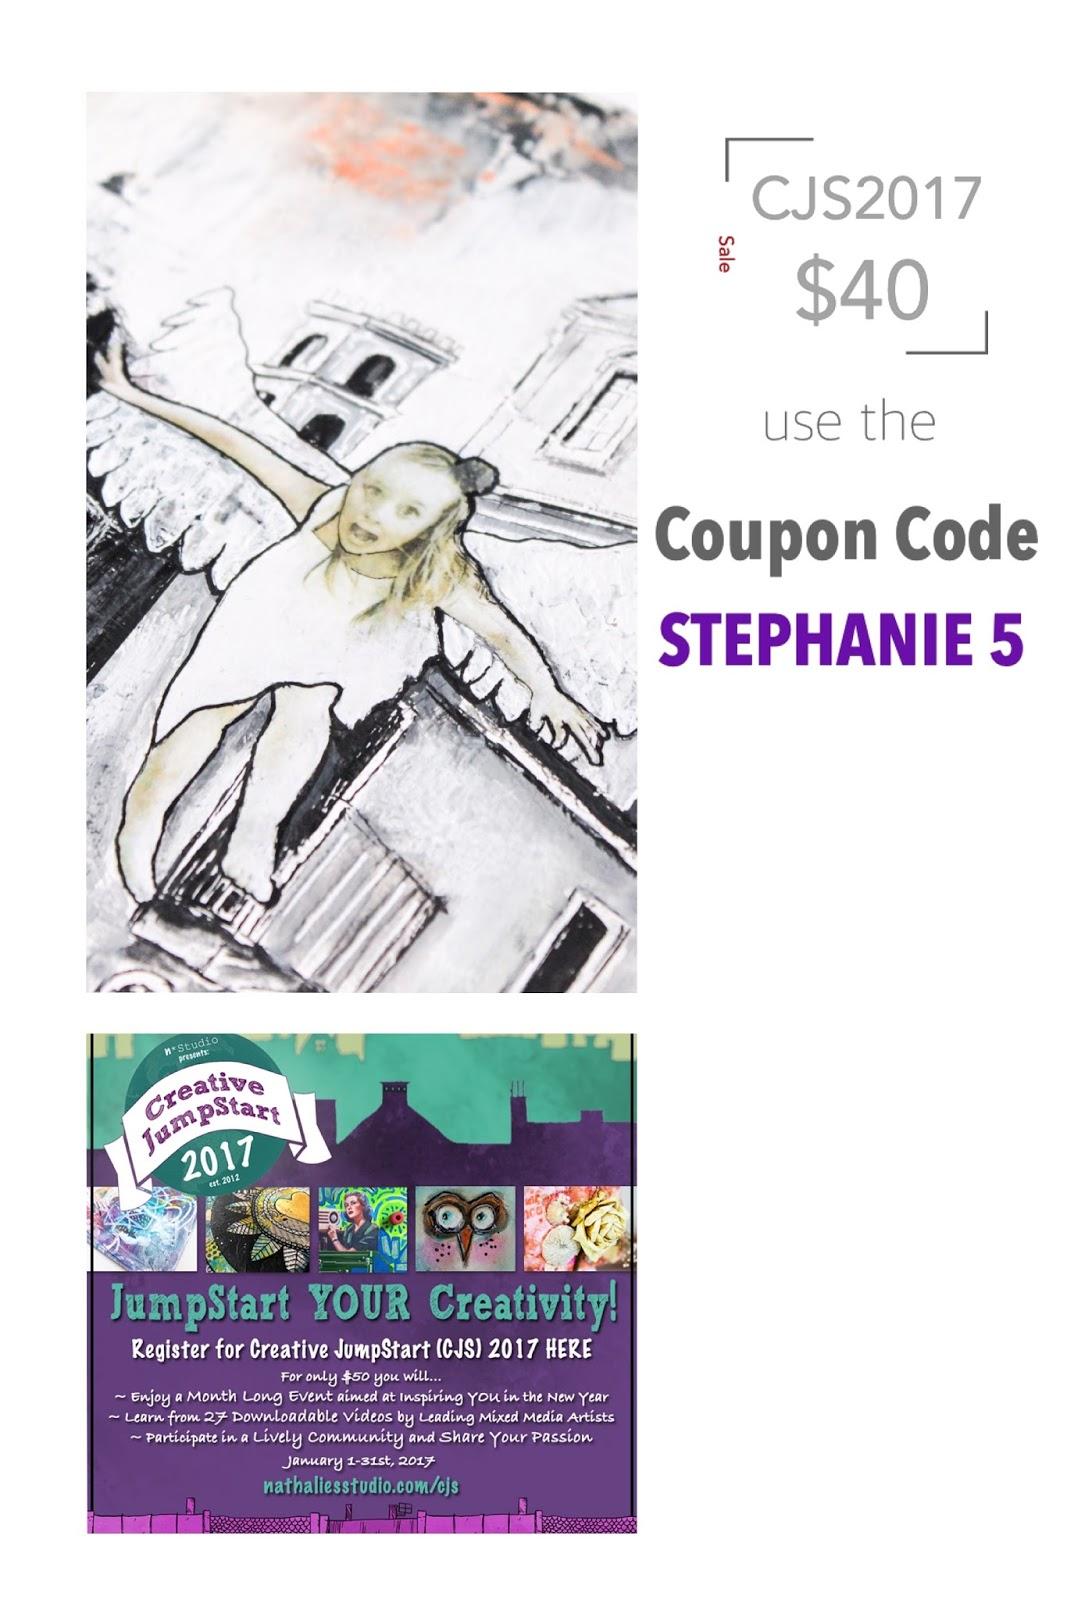 scrapmanufaktur coupon code for creative jumpstart 2017. Black Bedroom Furniture Sets. Home Design Ideas